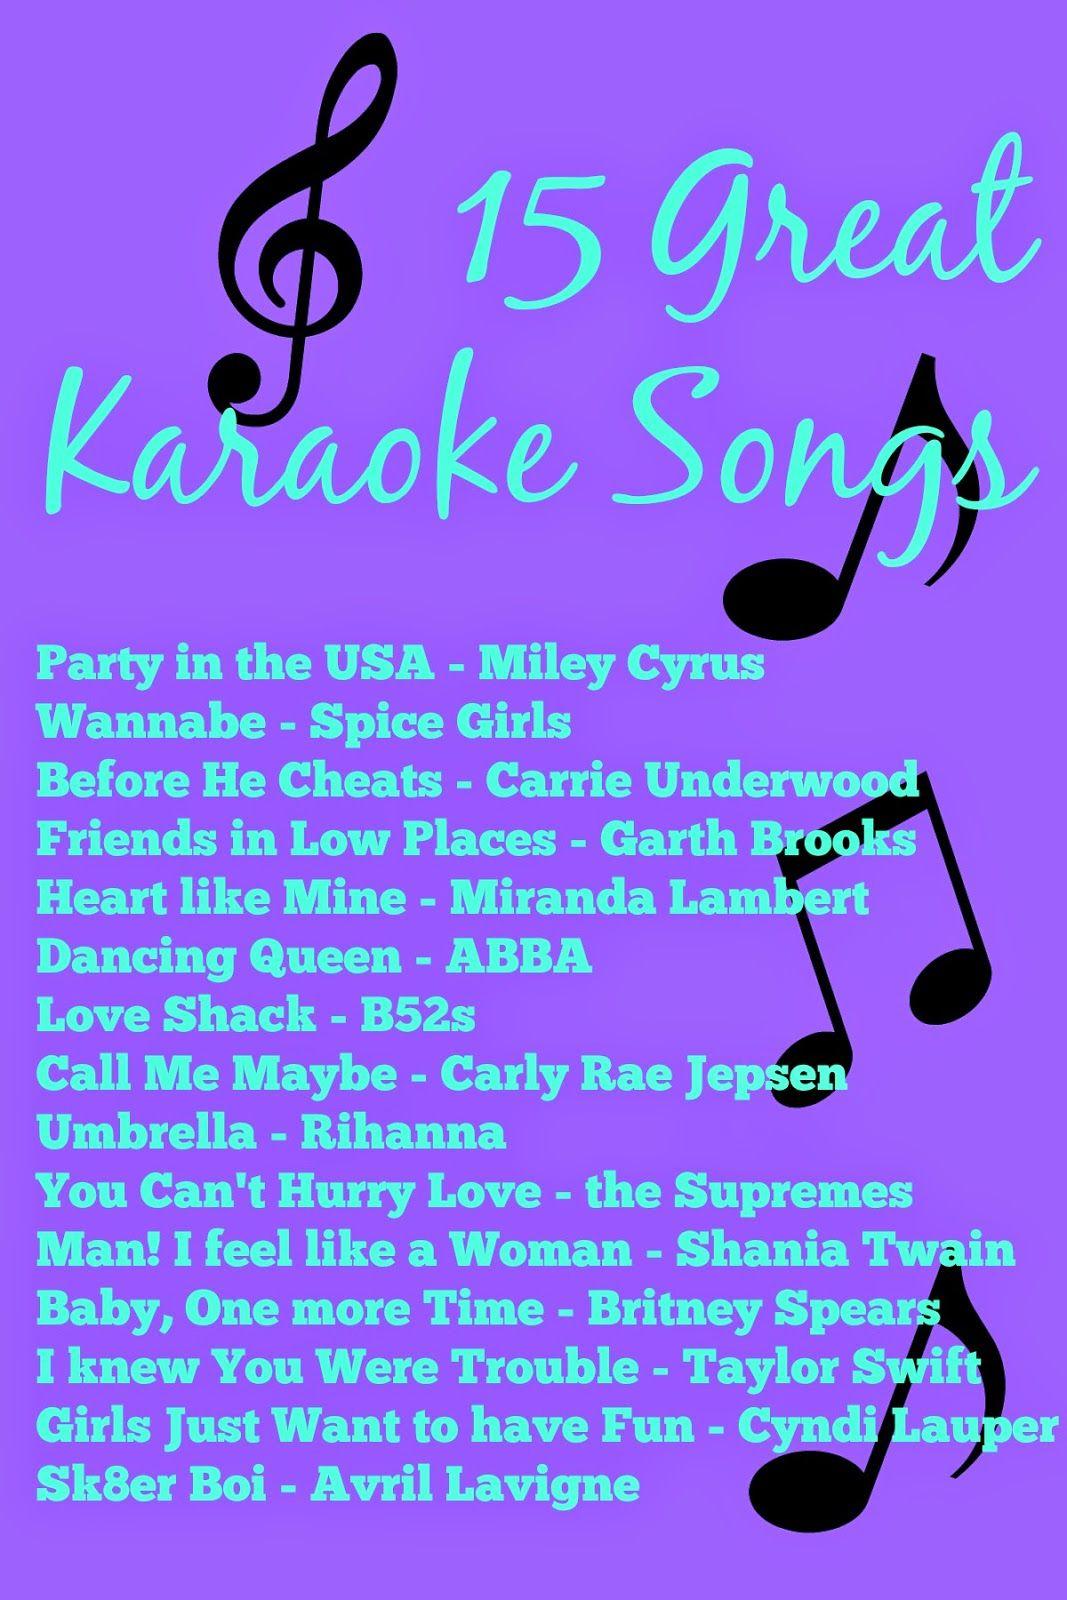 Best Karaoke Songs 2019 15 great karaoke songs | hodge podge in 2019 | Karaoke songs, Best